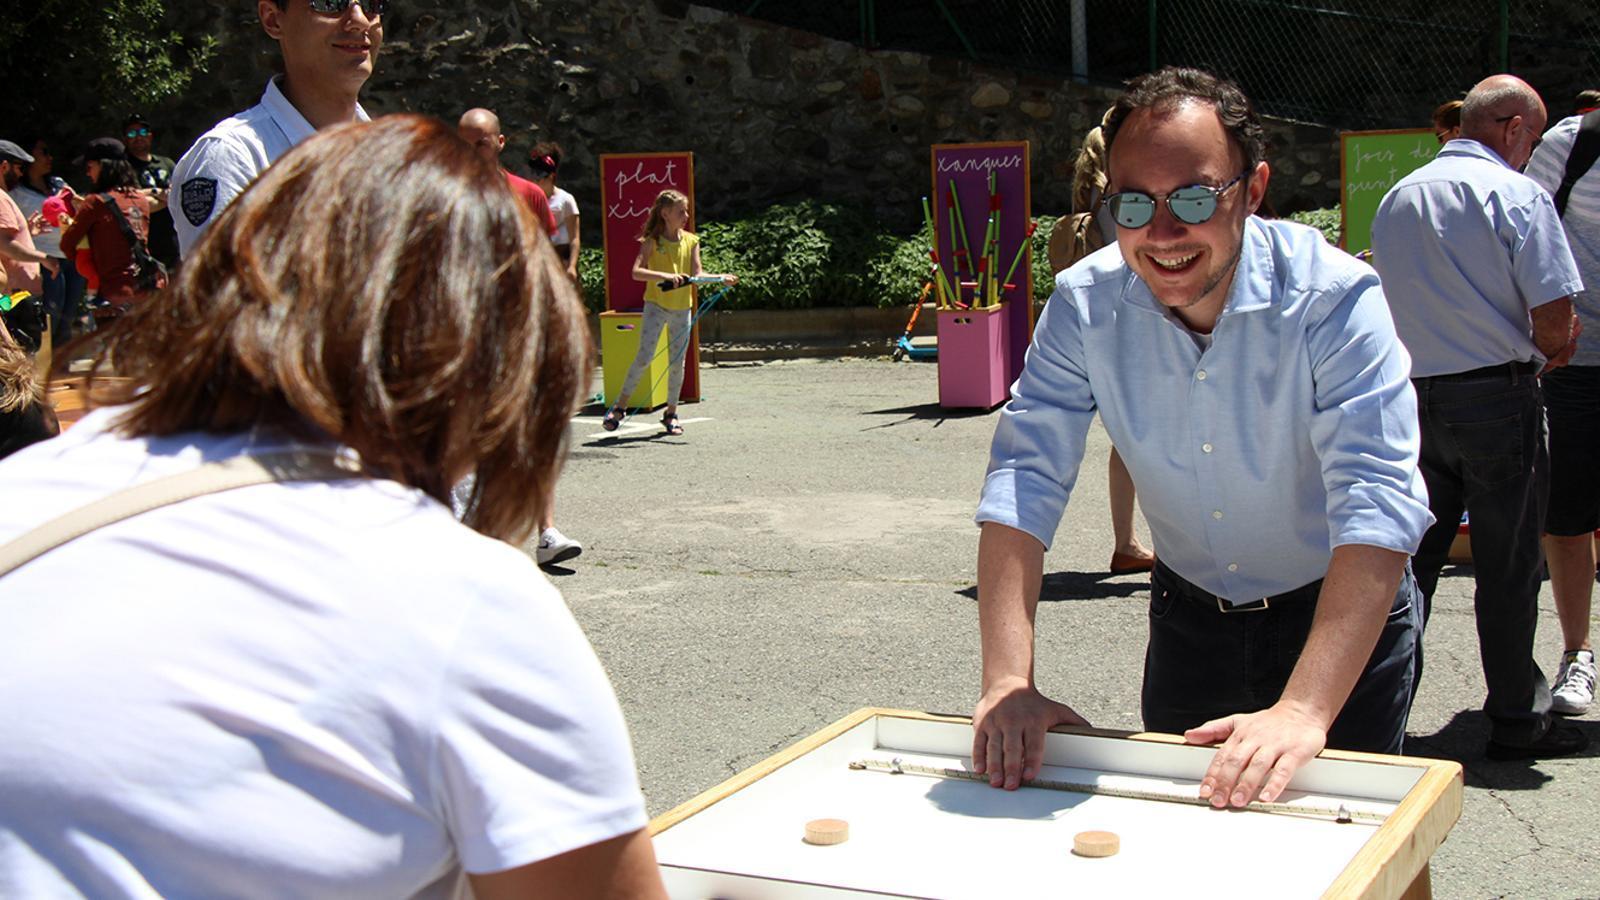 El cap de Govern, Xavier Espot, comparteix uns instants d'oci amb la cònsol major d'Escaldes-Engordany, Trini Marín. / M. M. (ANA)